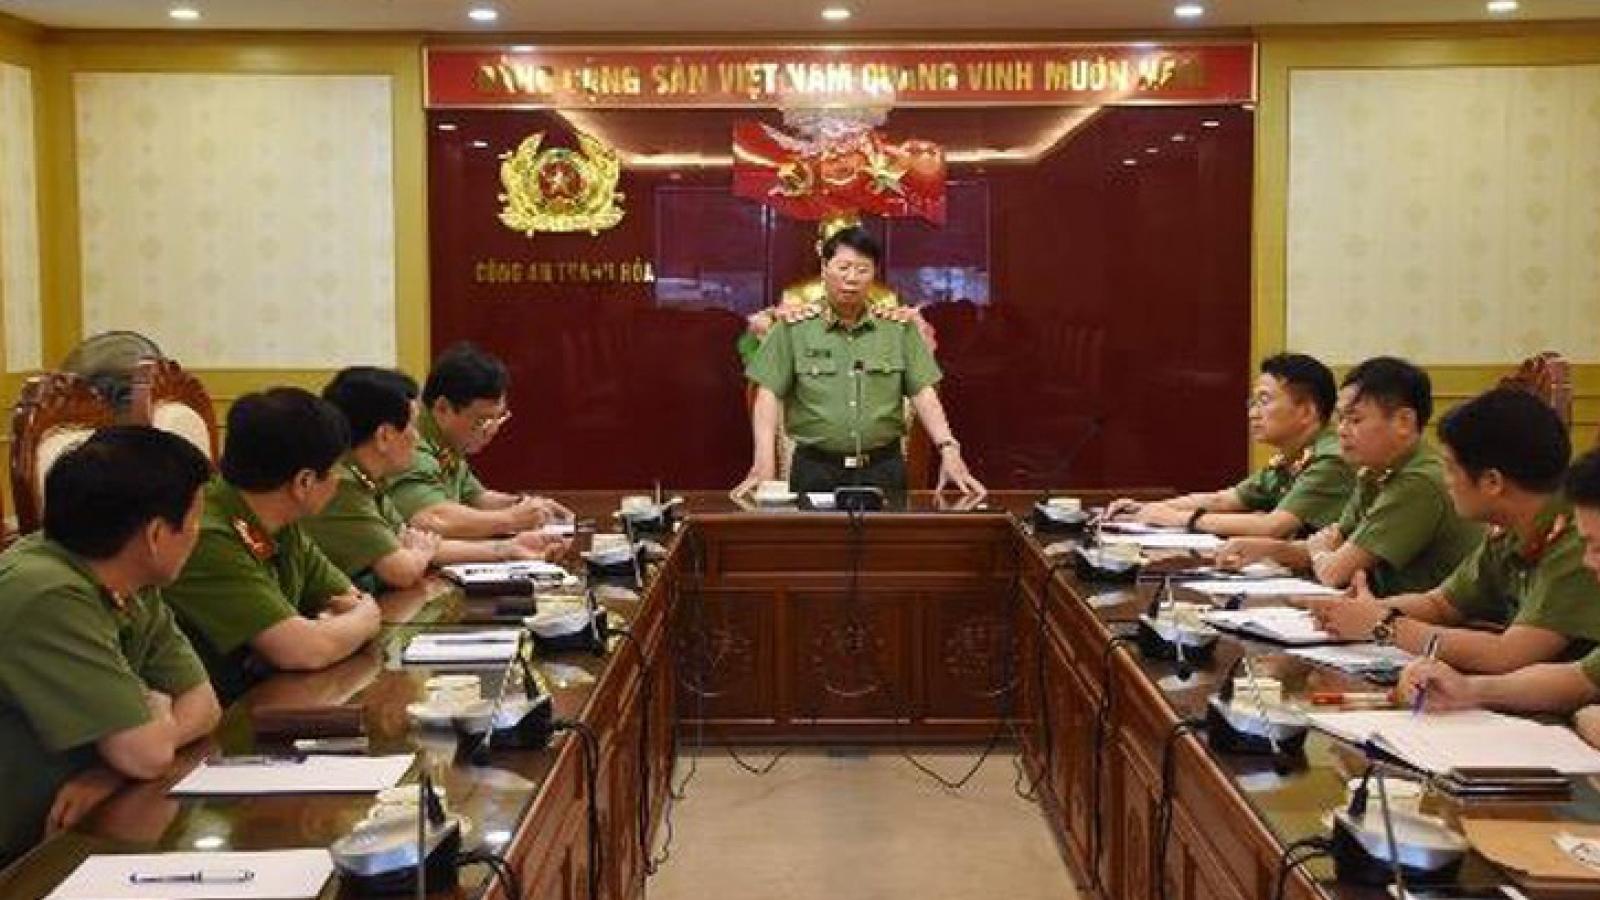 Phó Cục trưởng Cục An ninh mạng làm Giám đốc Công an tỉnh Thanh Hóa